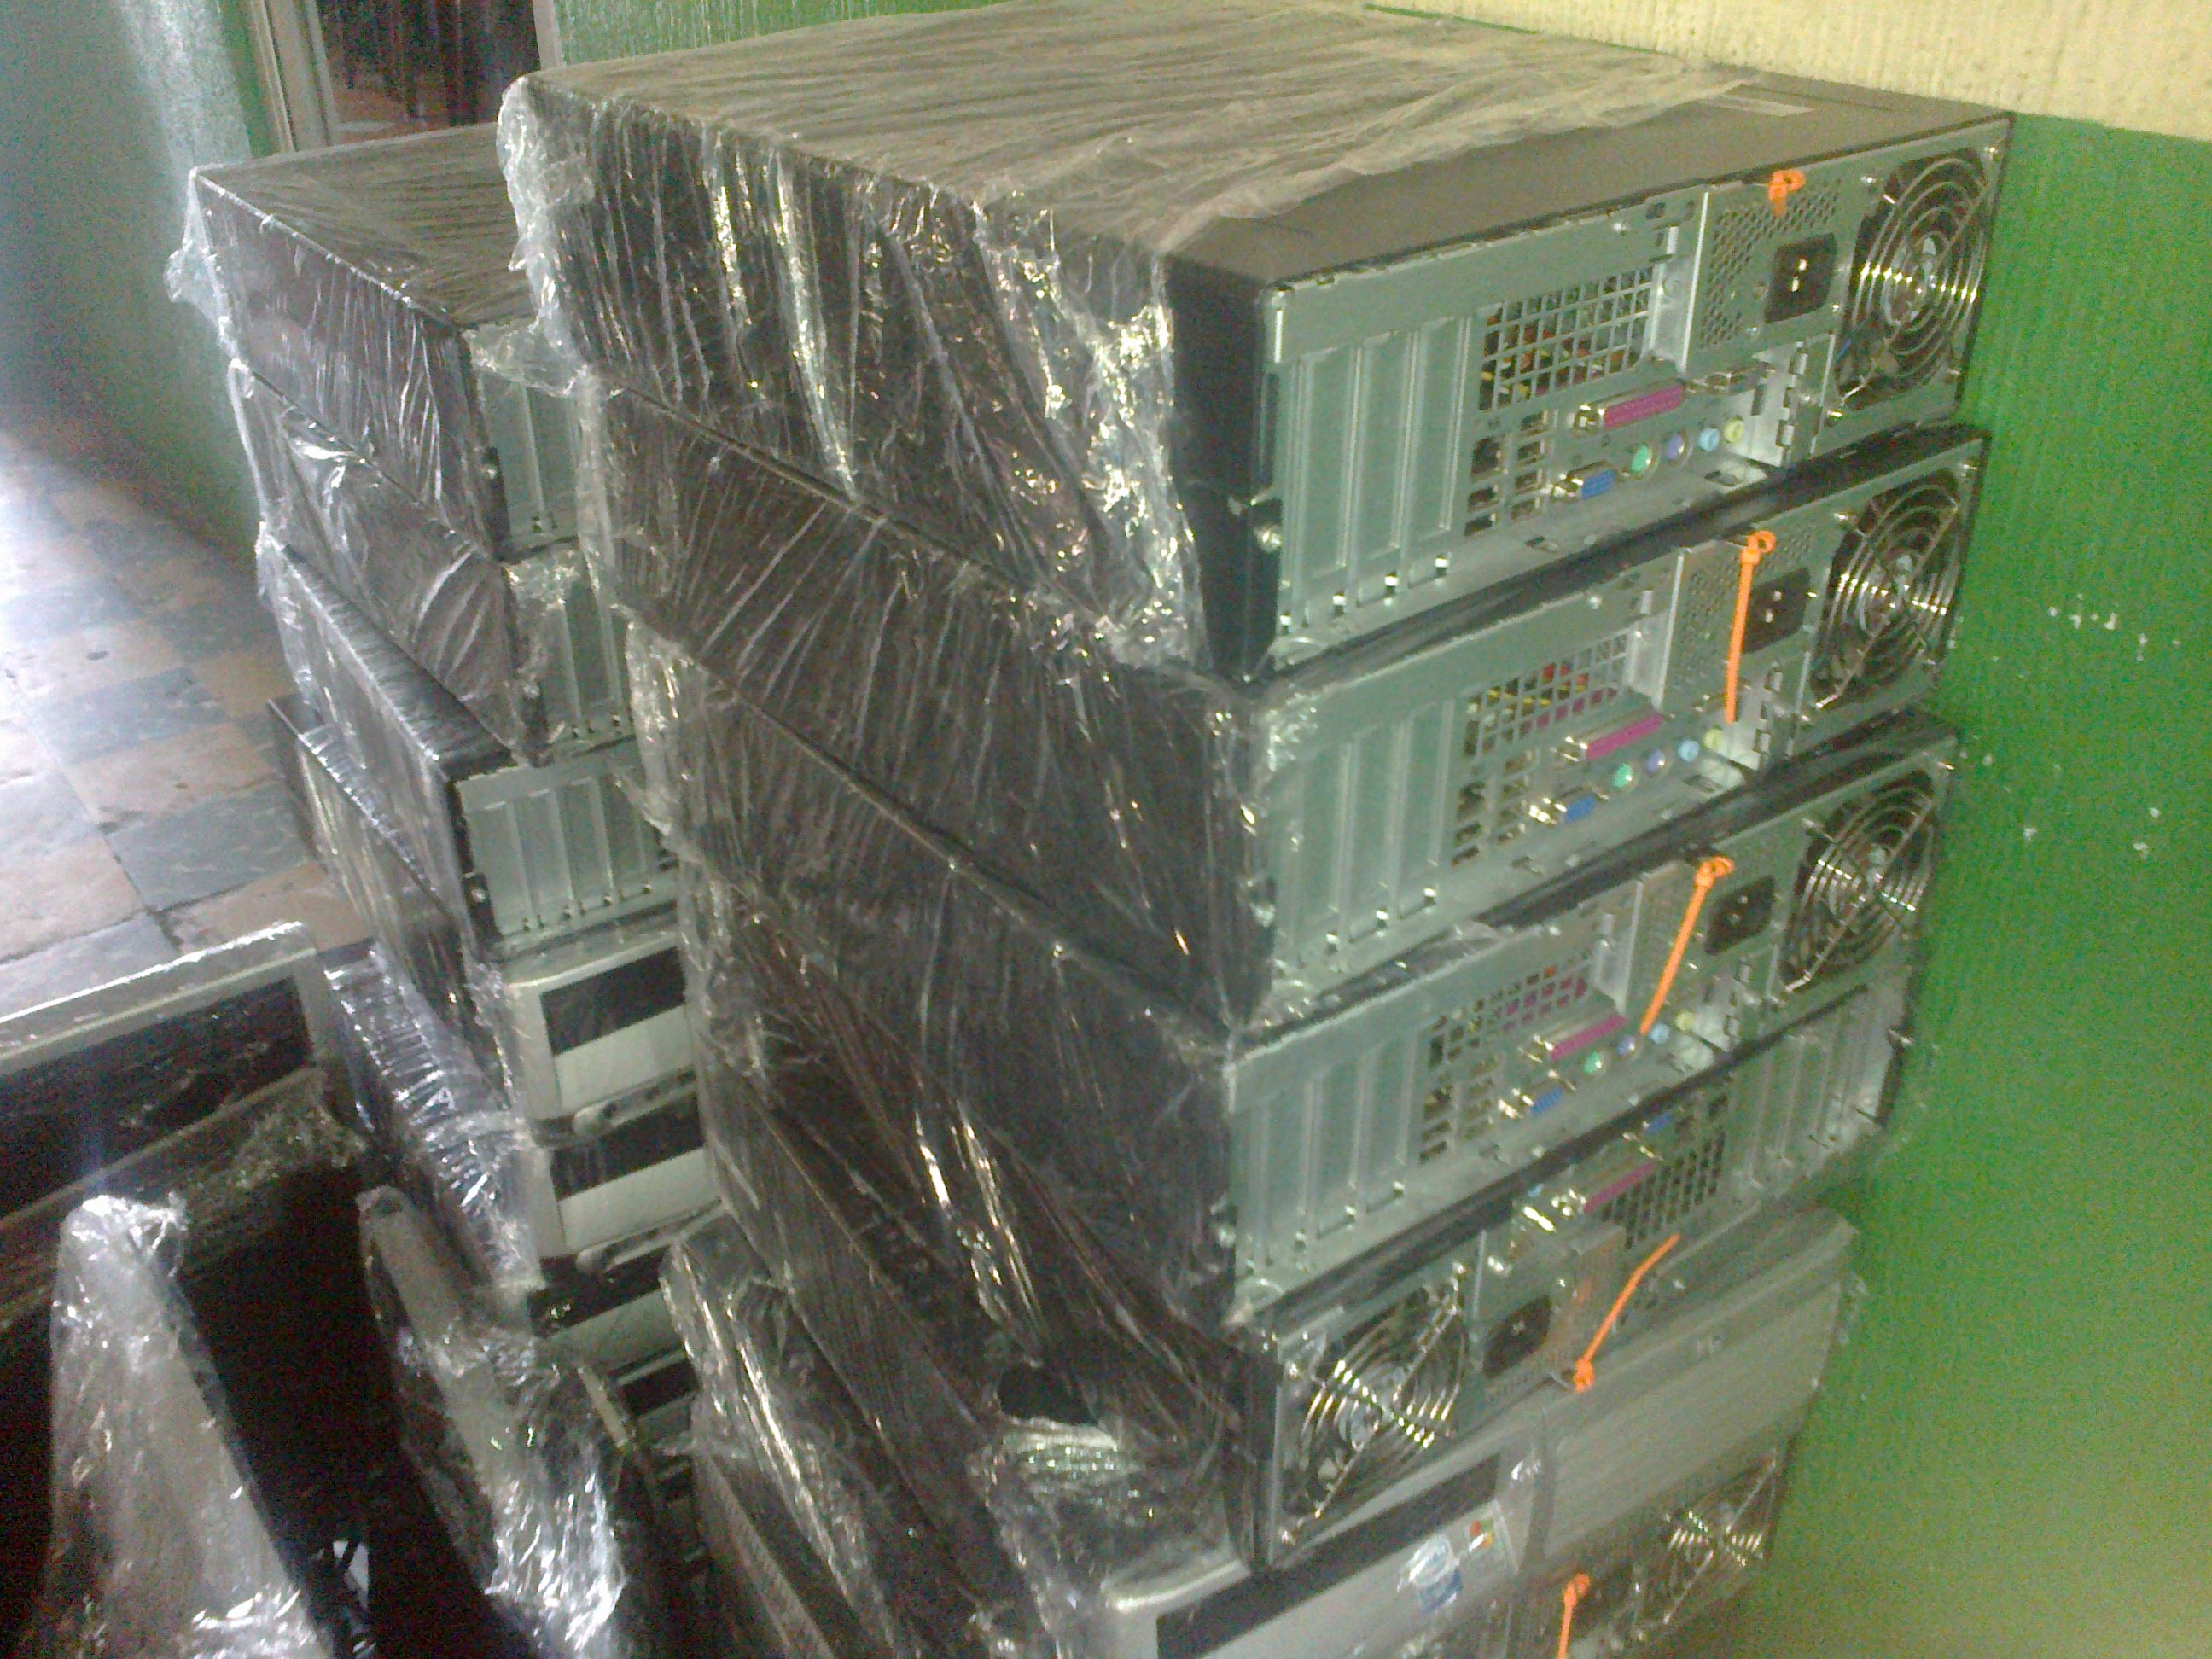 Vendo Computadoras HP Compaq DC 7700 Core Dos Duo 1.8